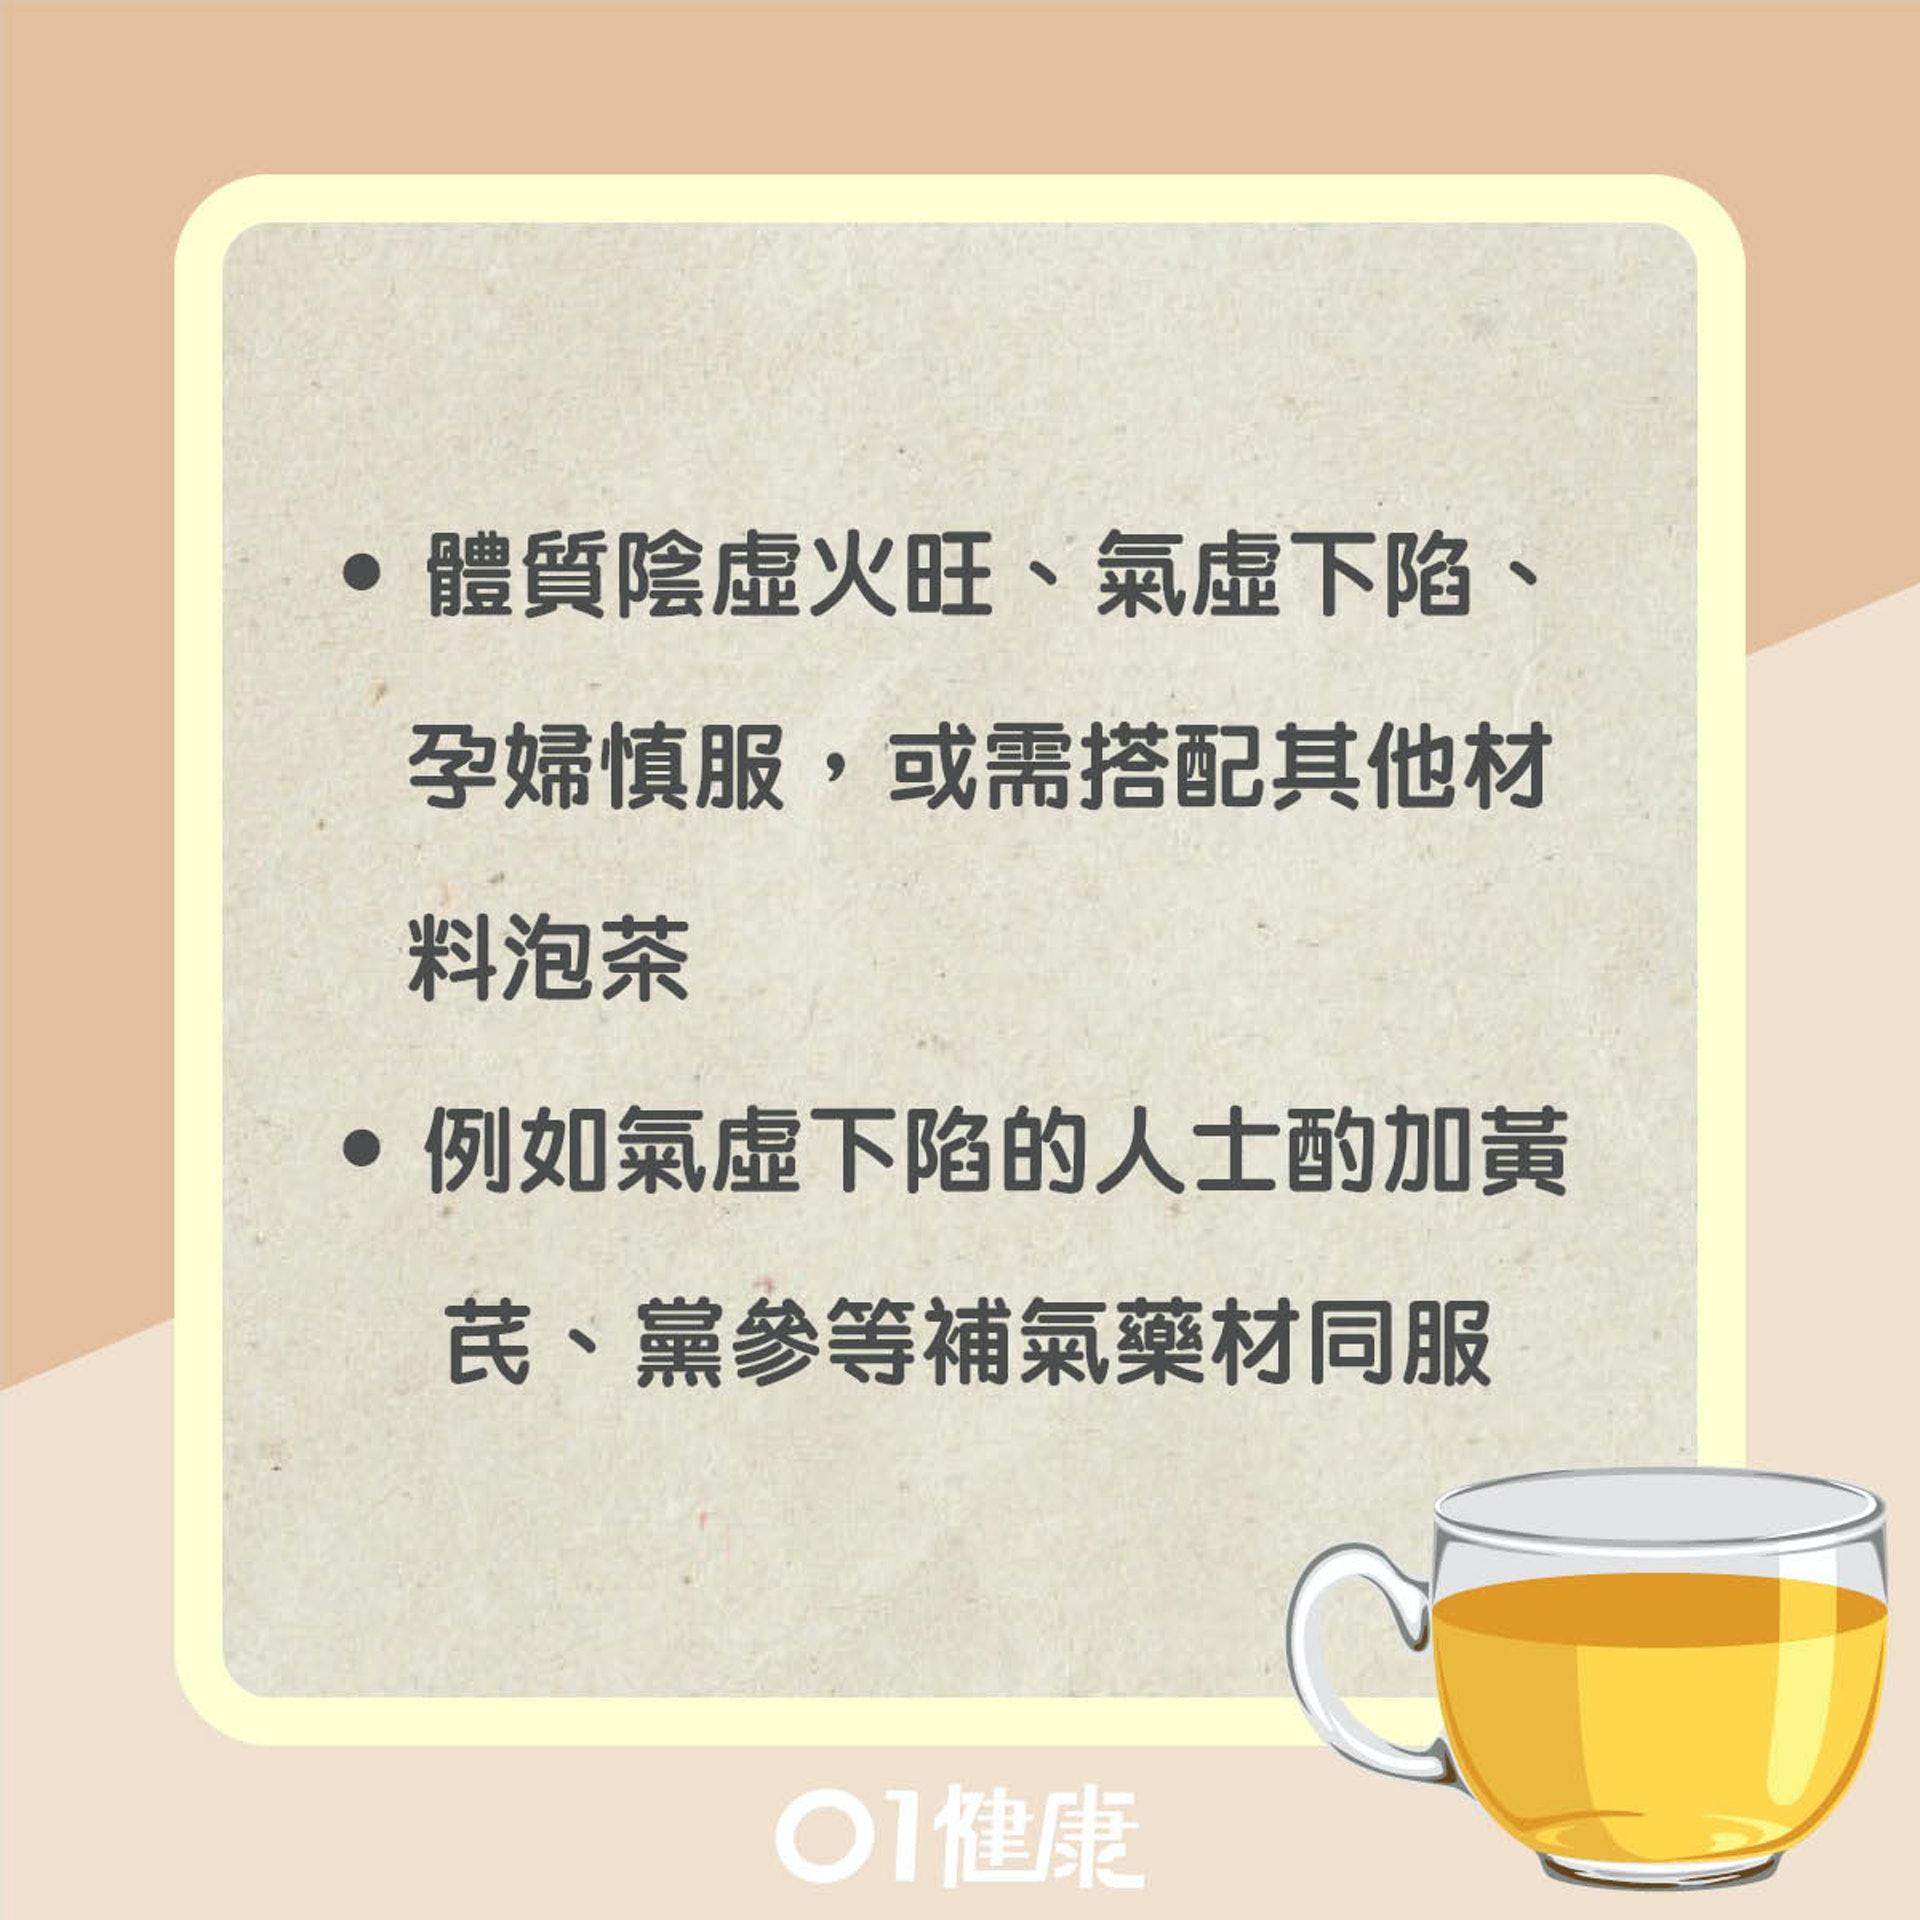 飲用茯苓茶注意事項(01製圖)